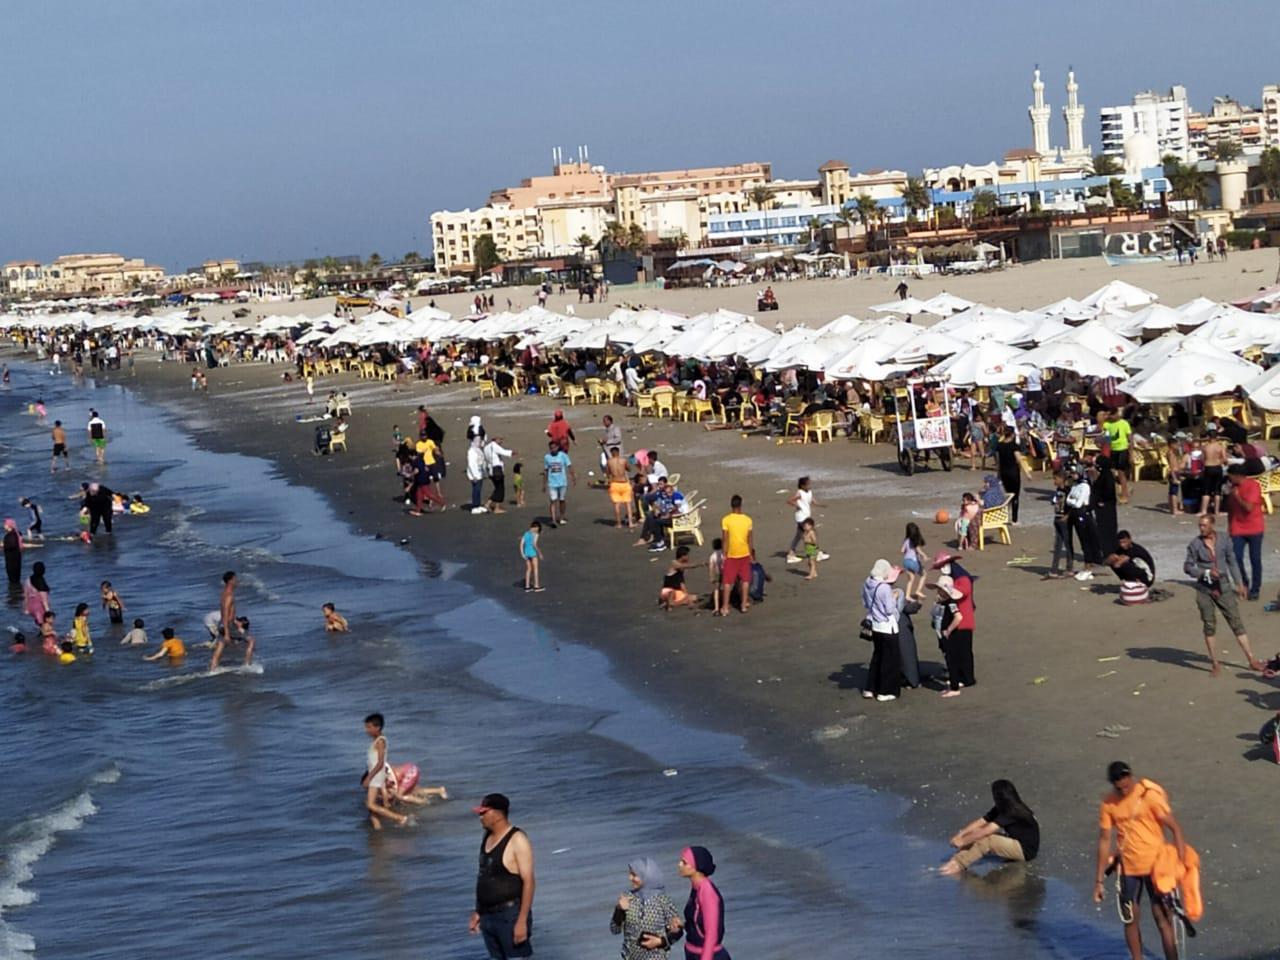 شاطي بورسعيد يشهد اقبالا كبيرا من المواطنيين وانتشار 60 منقذًا بطول الشواطئ